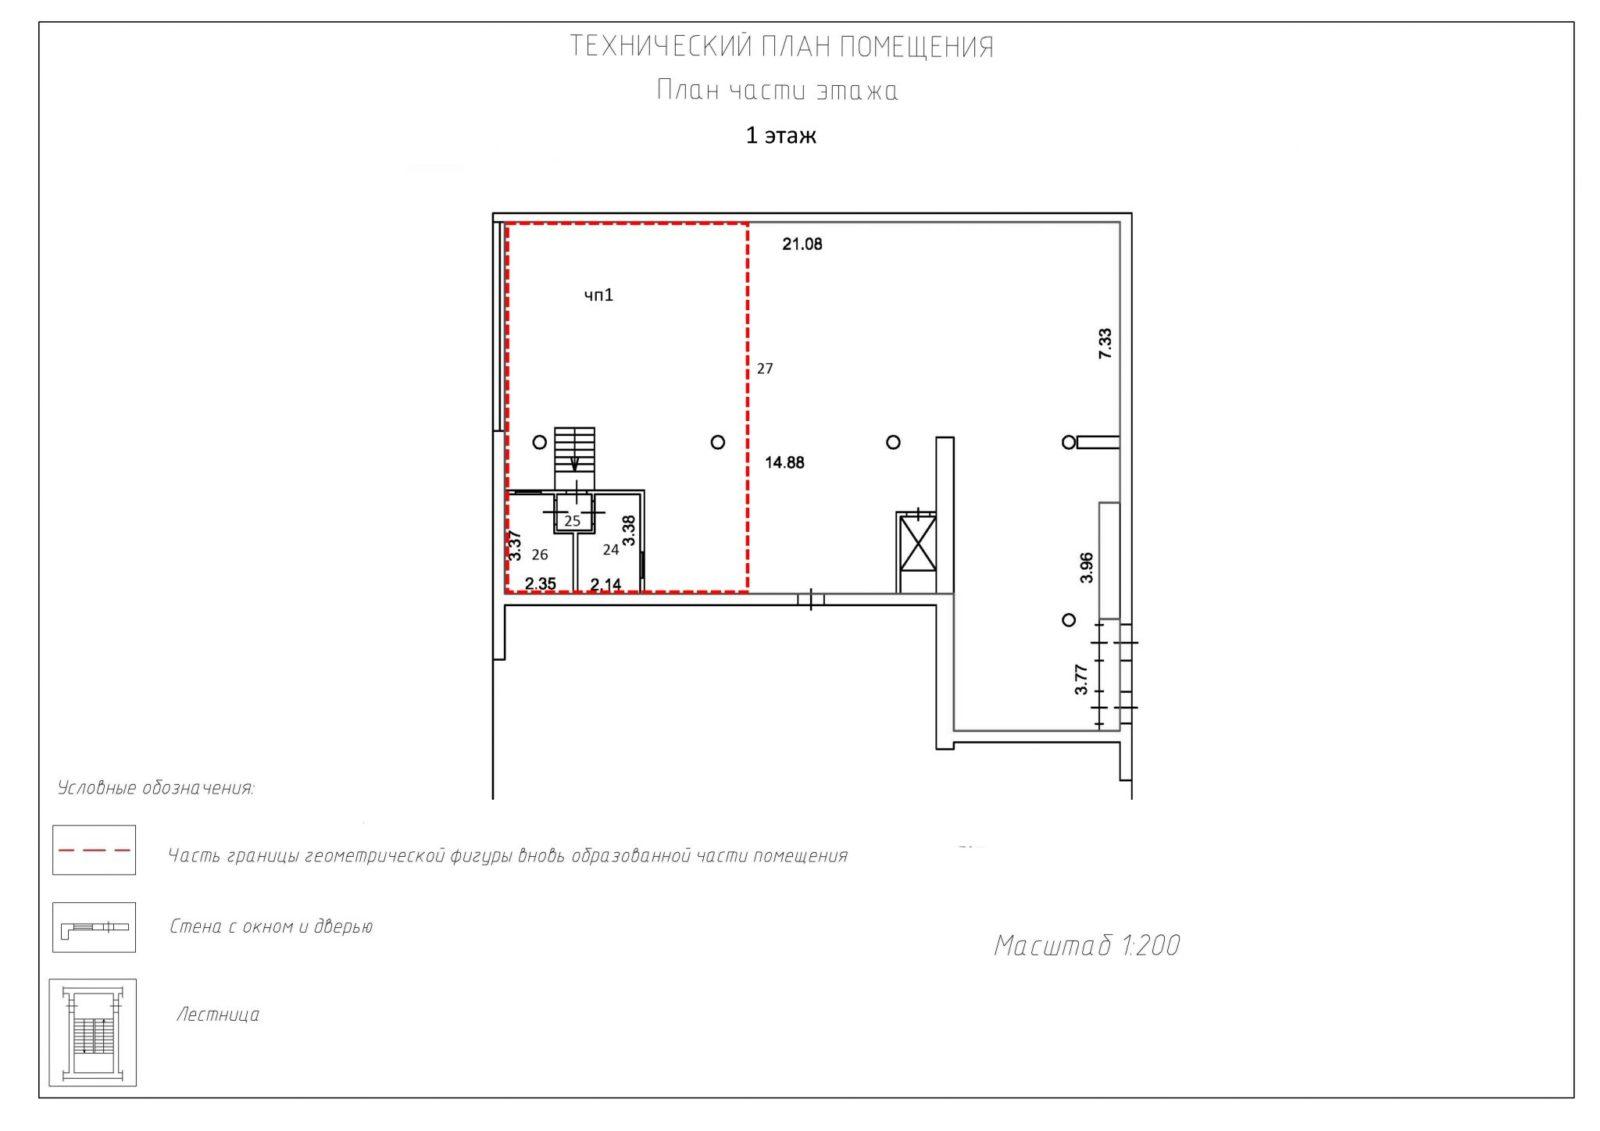 В графической части технического плана на помещение фиксируется его конфигурация, основные характеристики.